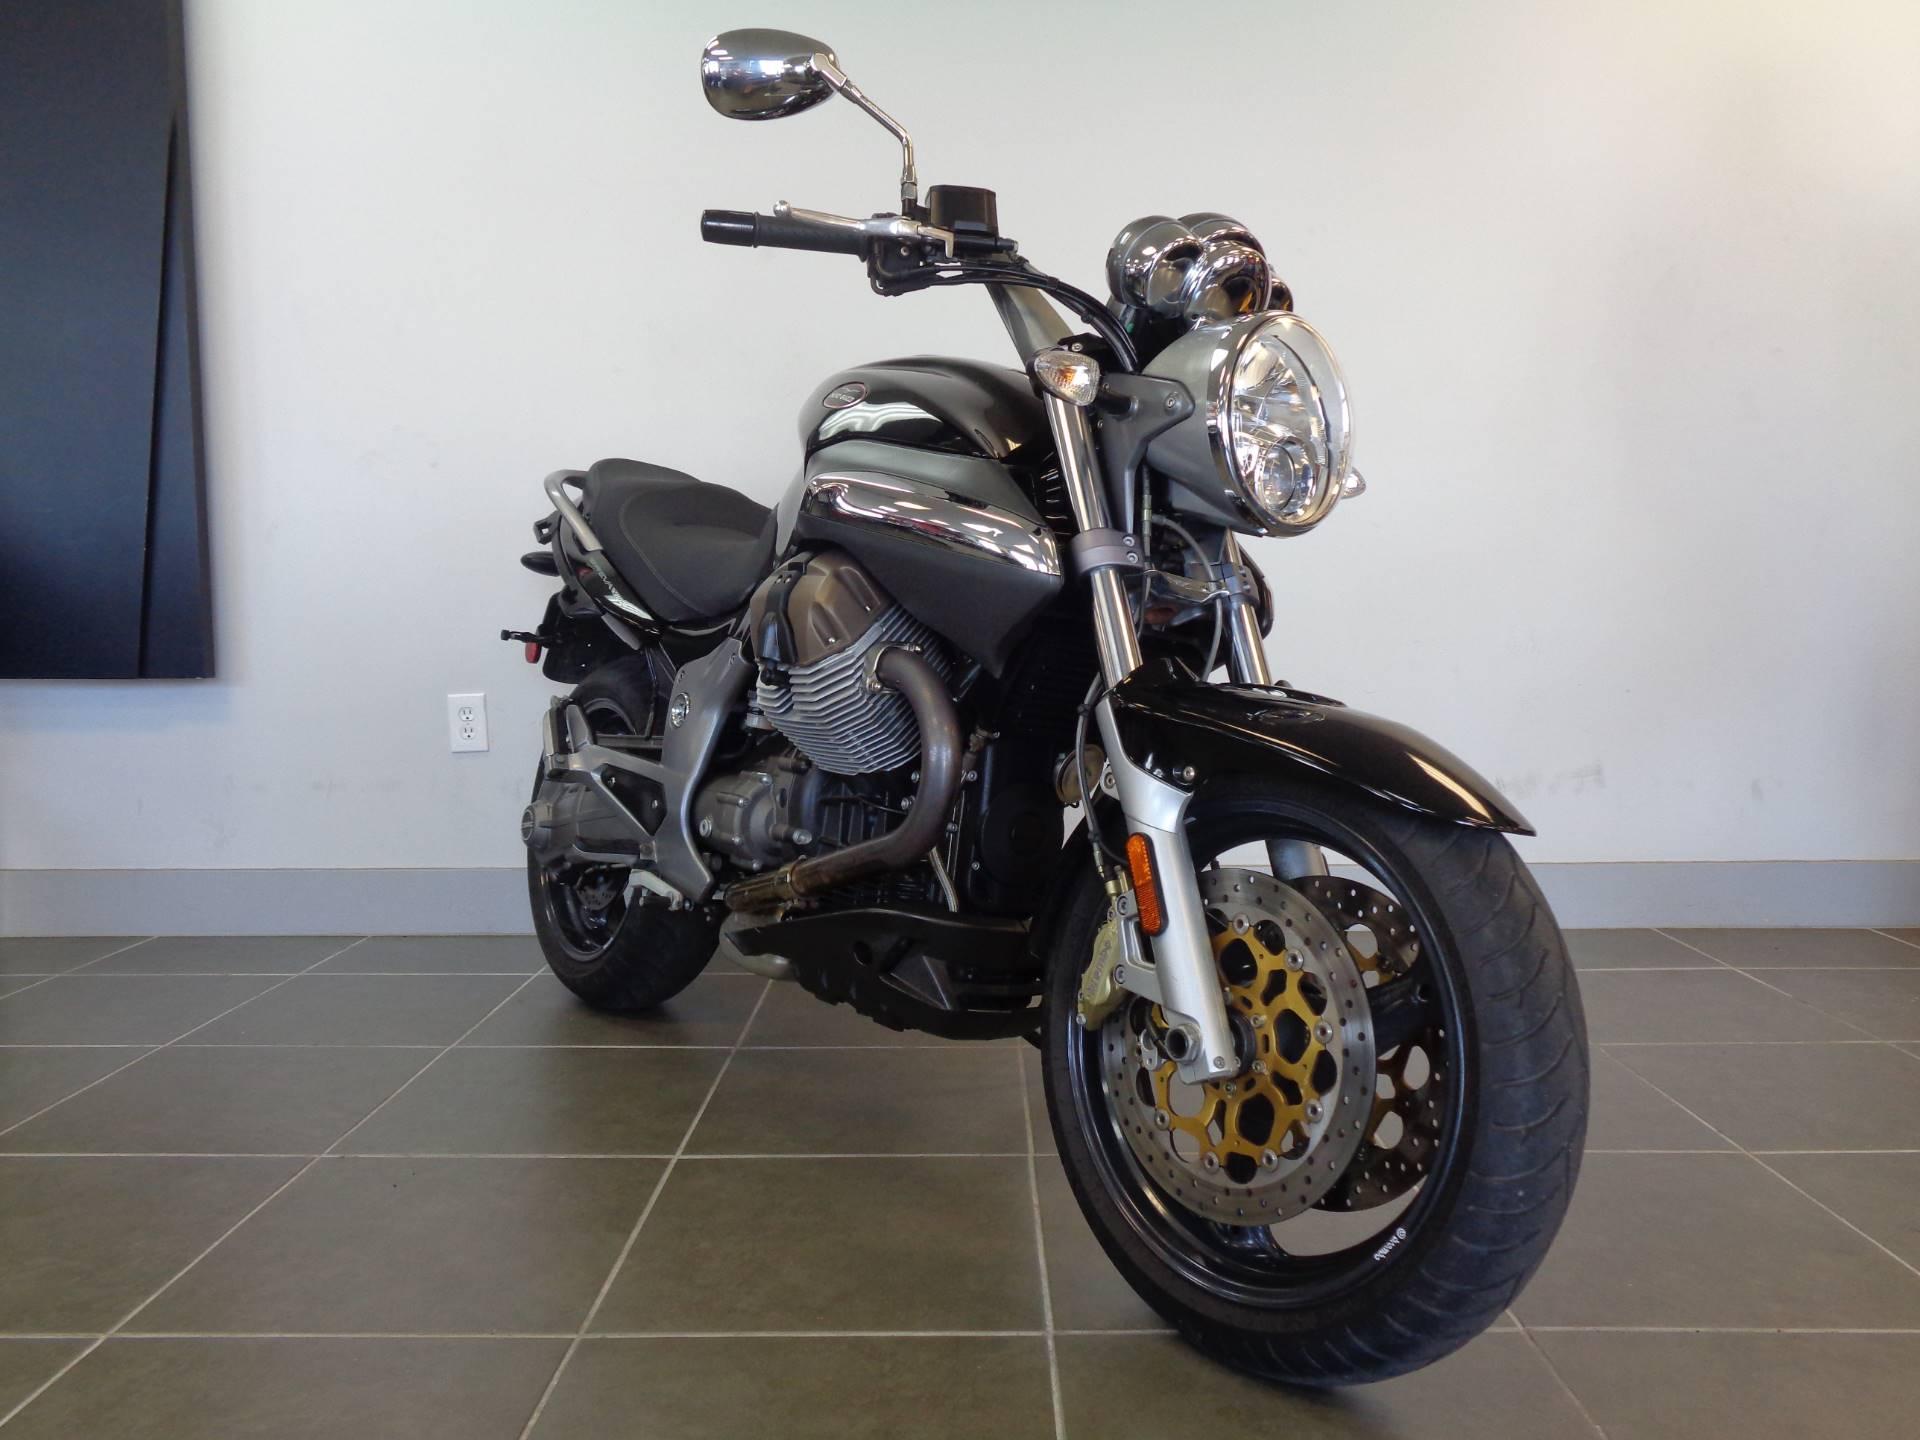 2007 Moto Guzzi Breva 1100 7